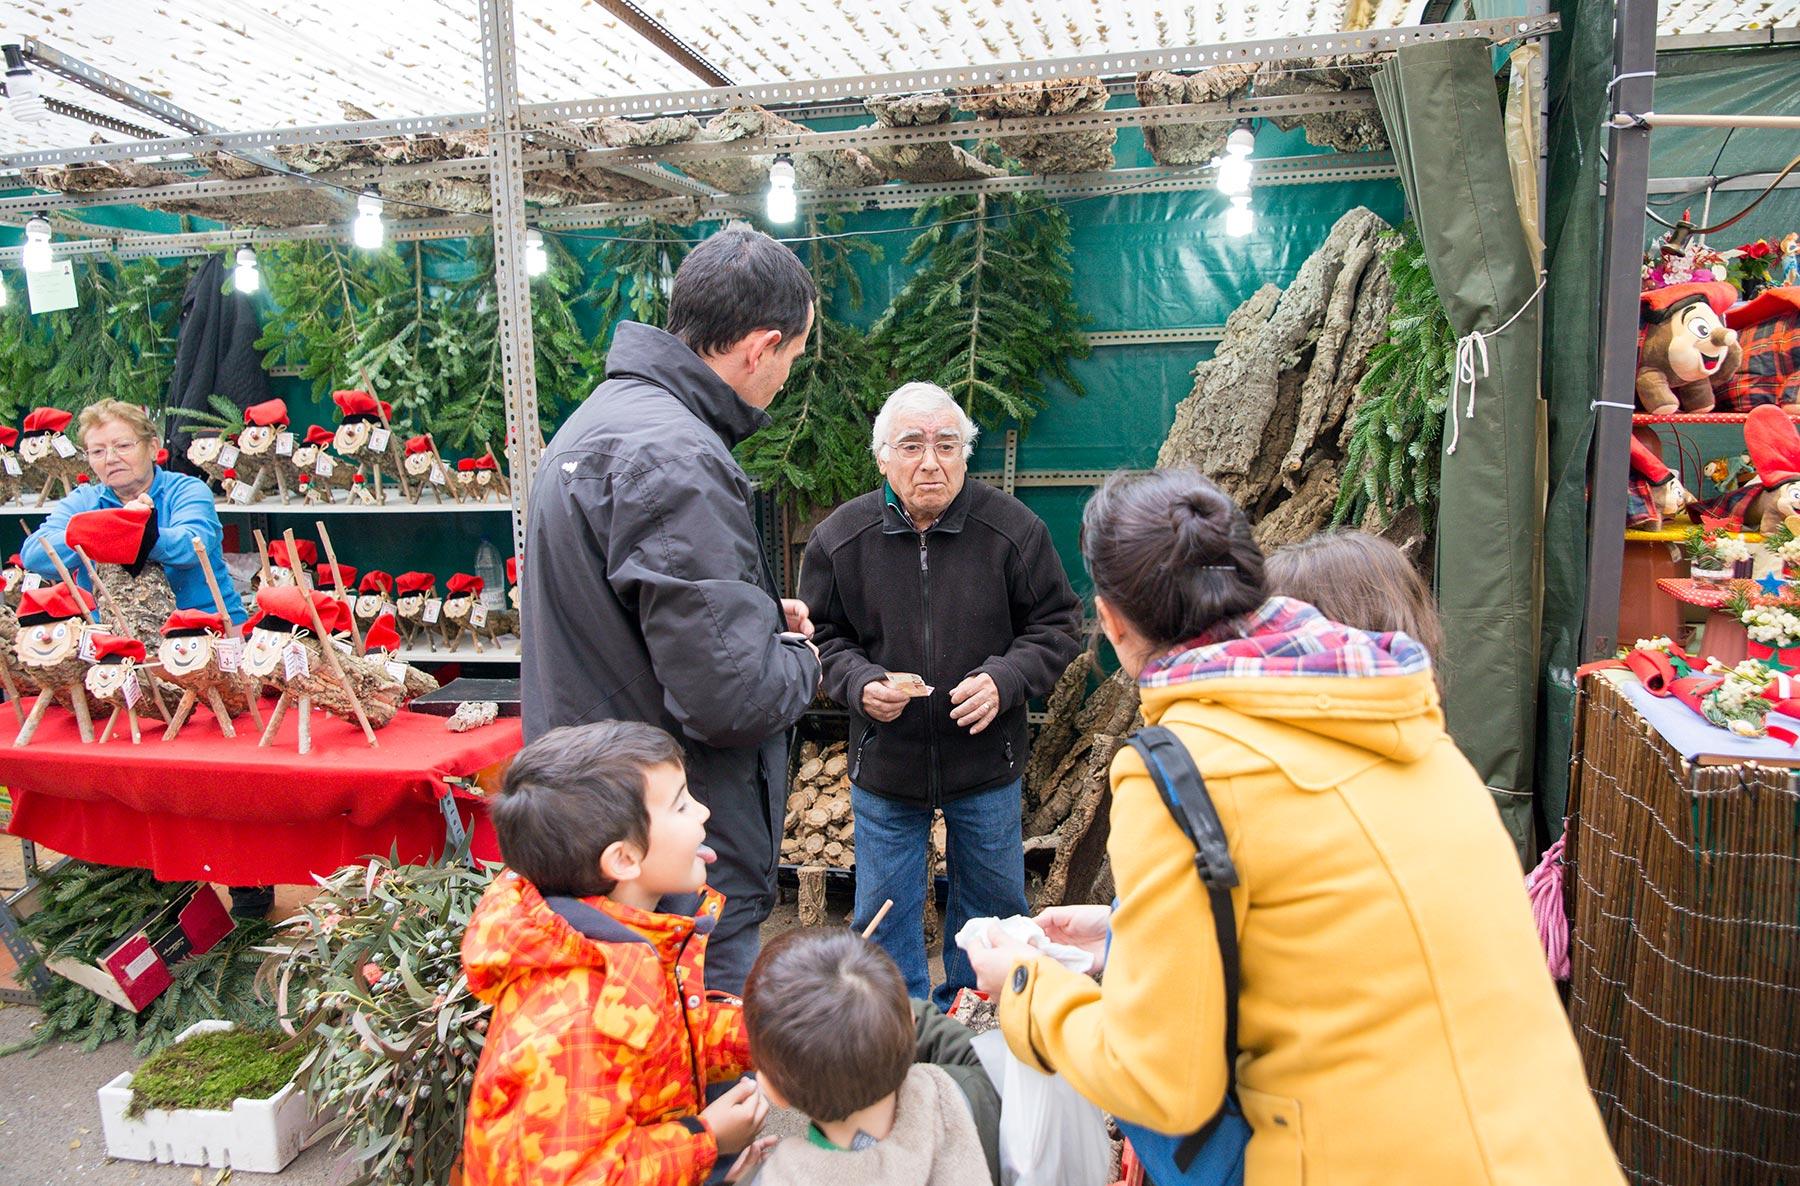 Sagrada Familian joulumarkkinoilla. © tripsteri.fi / Tuulia Kolehmainen